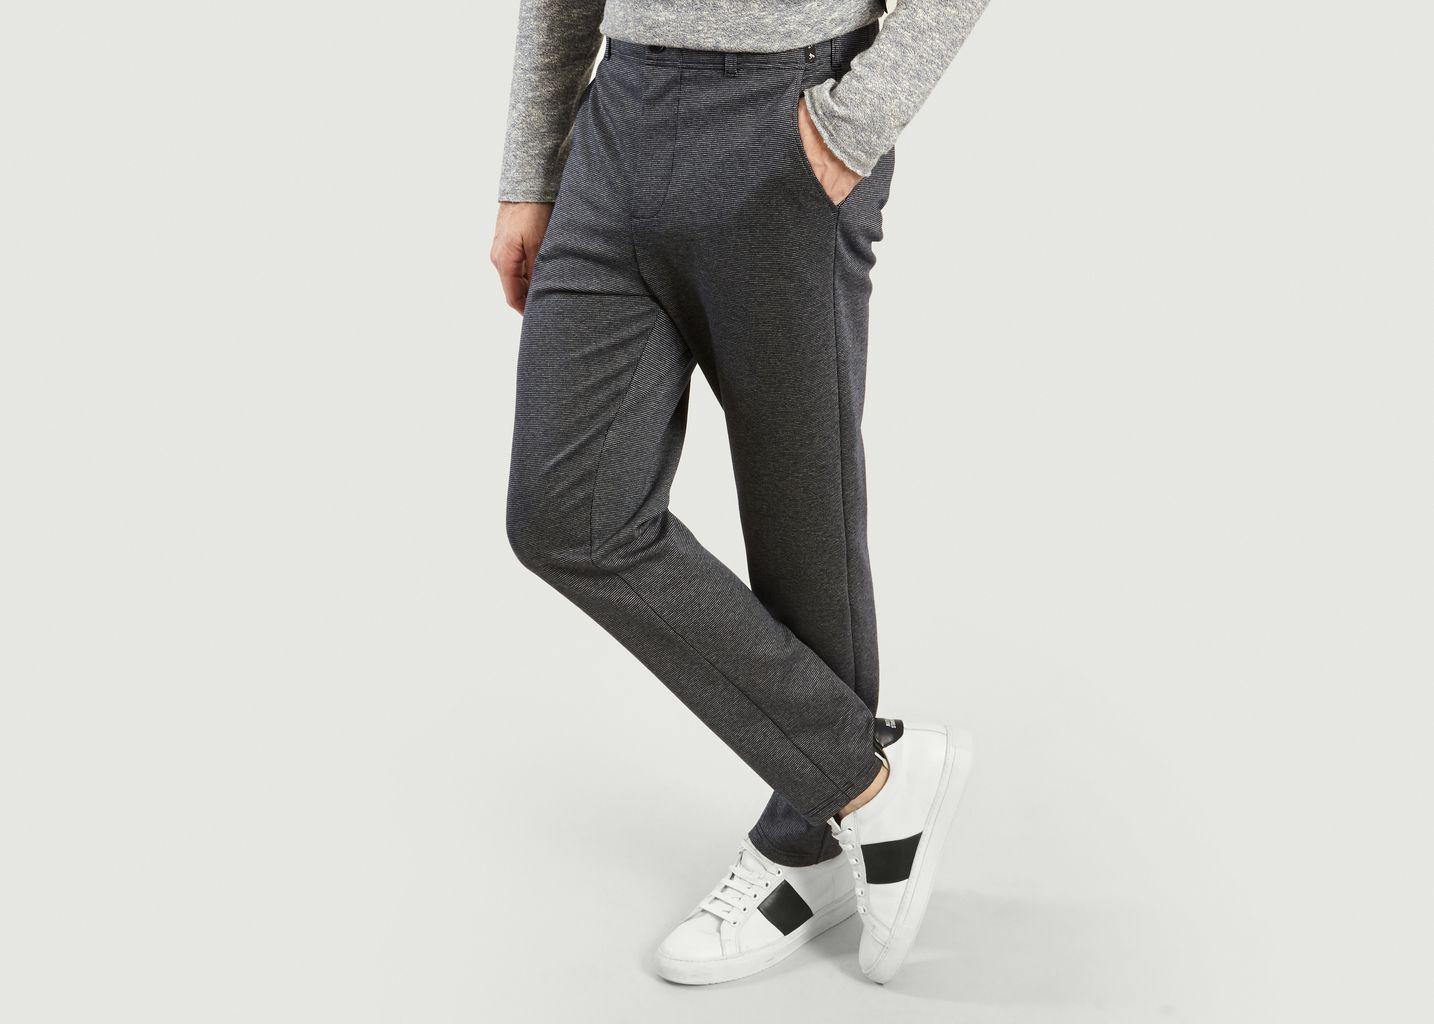 Pantalon Jacquard Motor - agnès b.